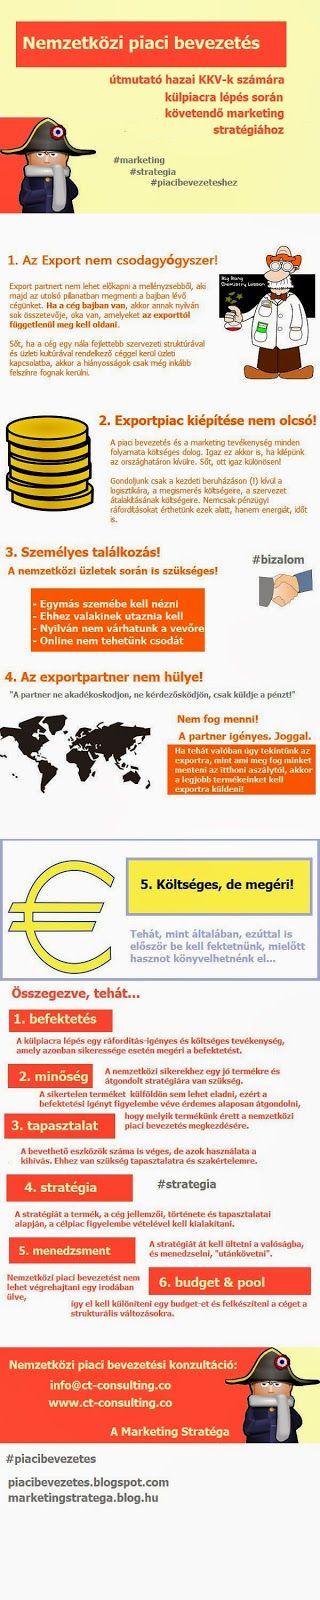 Piaci Bevezetés - Marketing a legtágabb értelemben: Piaci bevezetés külföldön - nemzetközi piacra lépé...